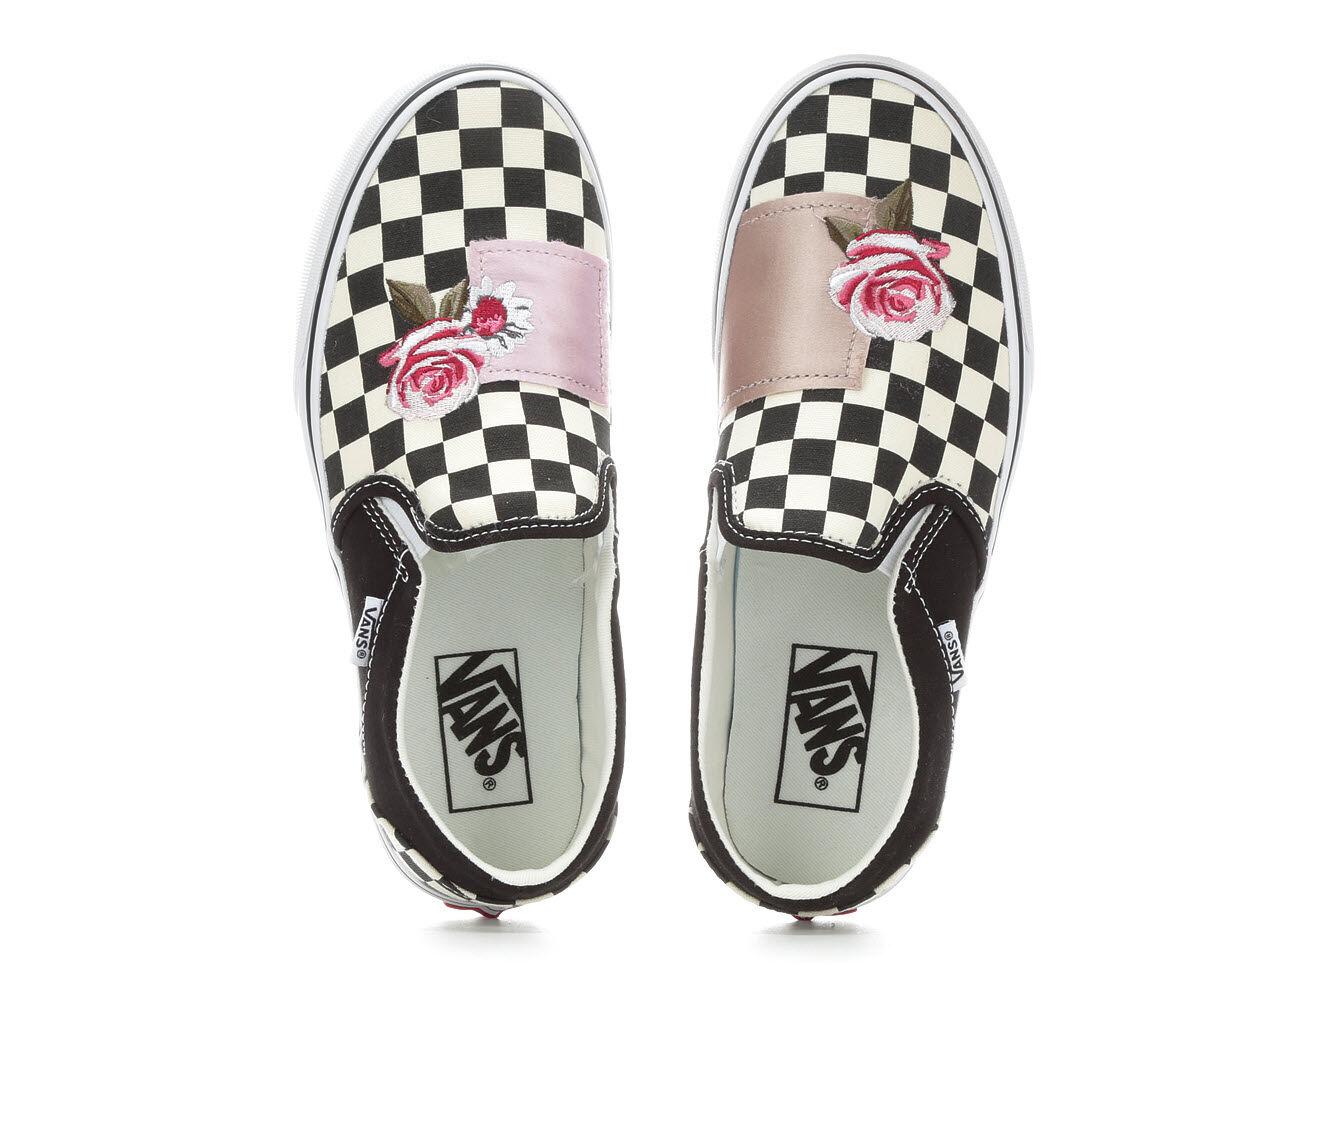 Order Online Women's Vans Asher Patchwork Skate Shoes Black/Floral